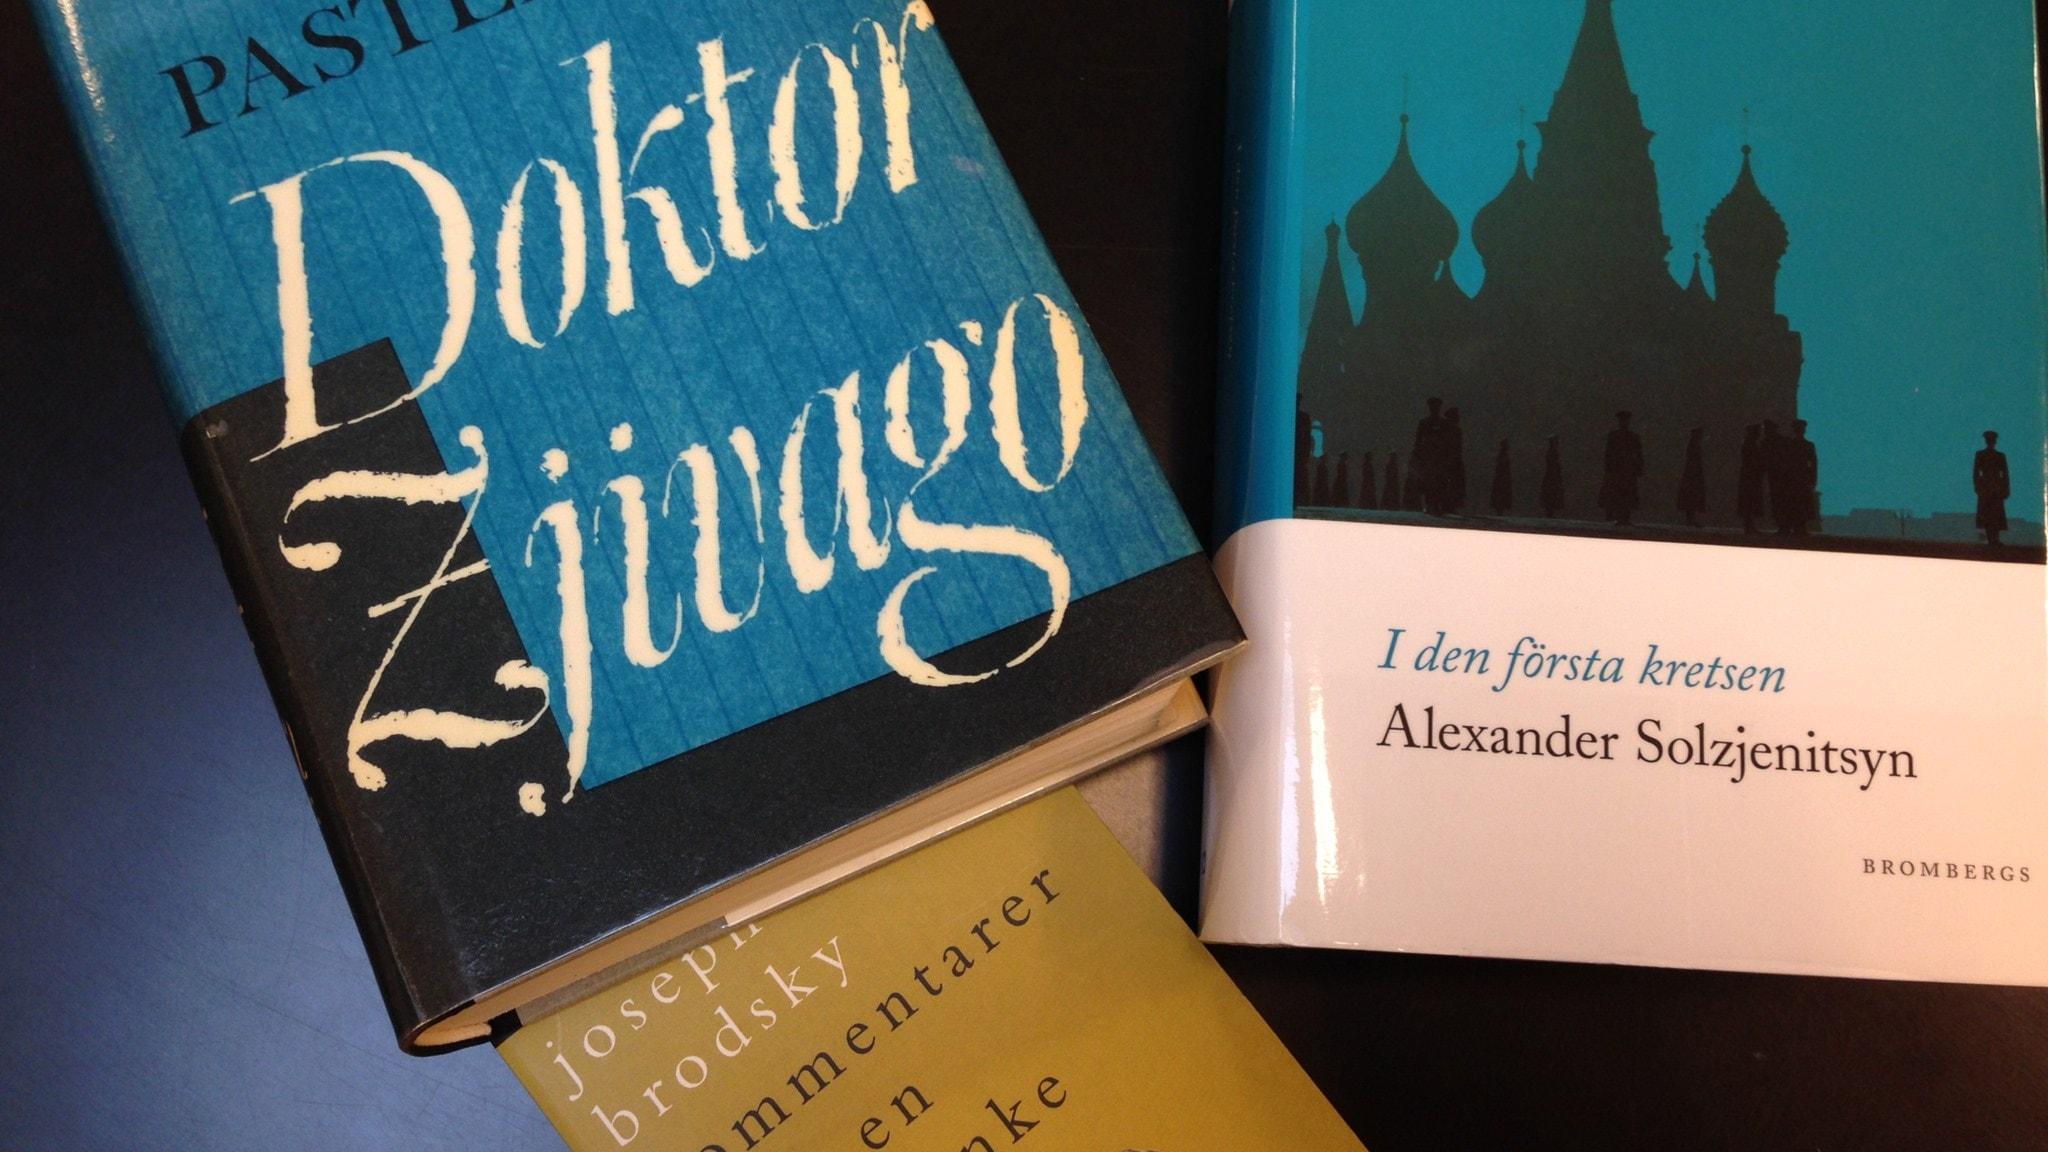 Böcker av ryska Nobelpristagare